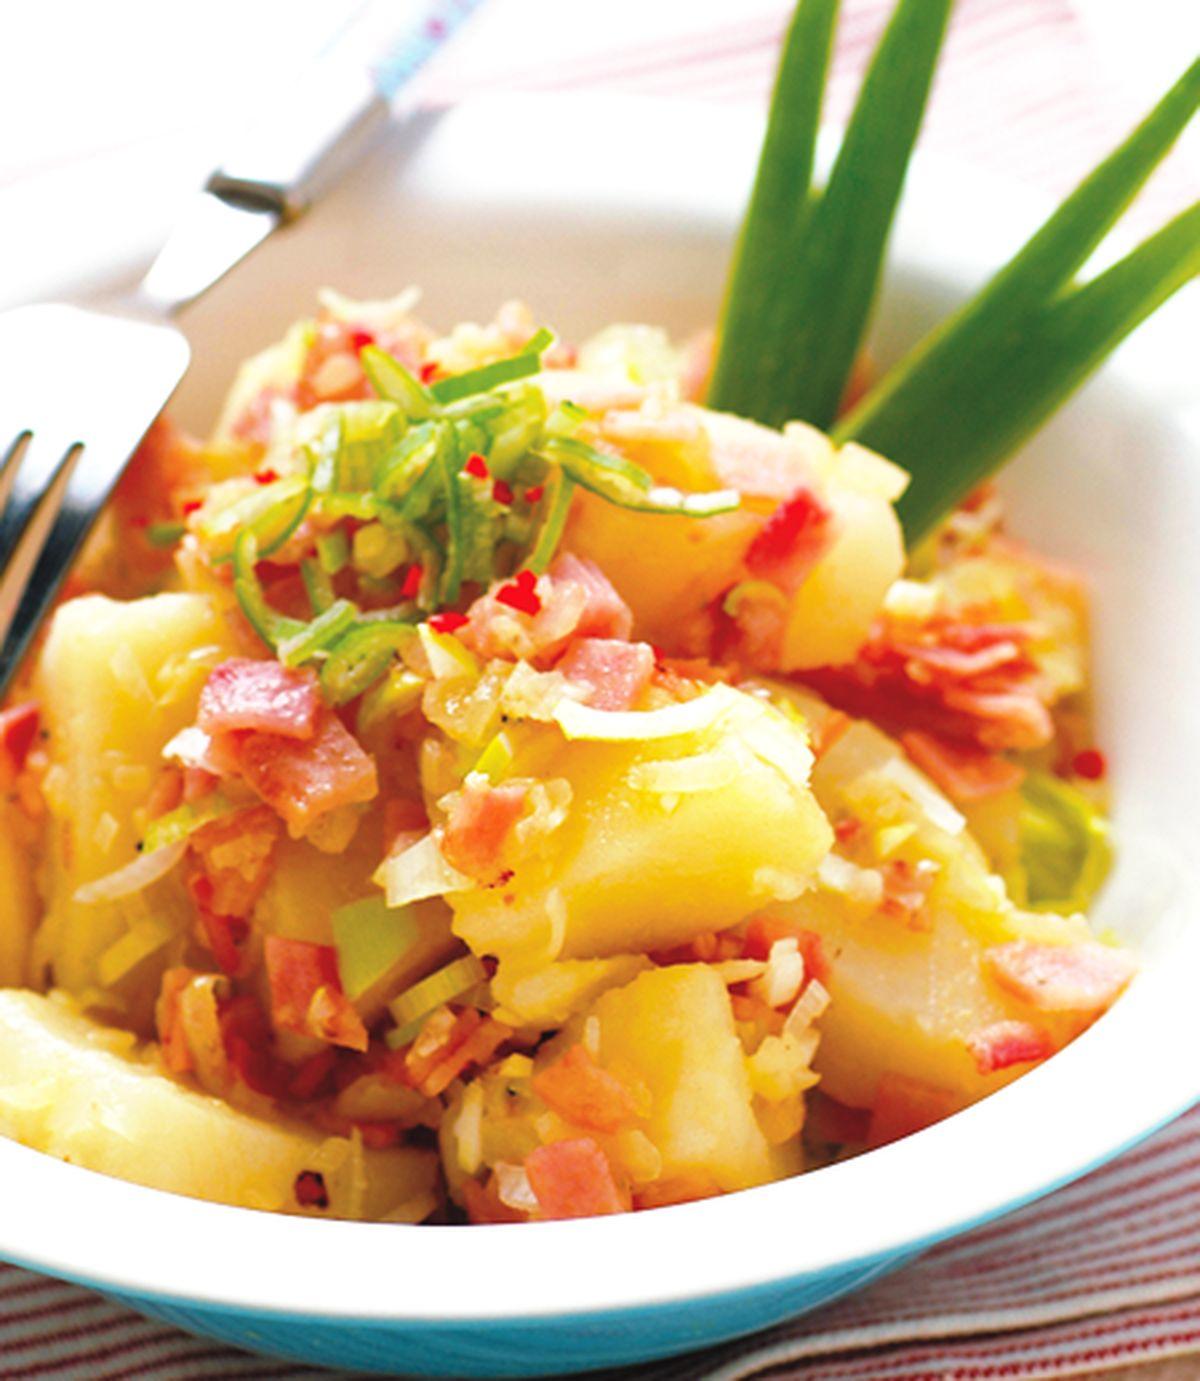 食譜:馬鈴薯培根沙拉